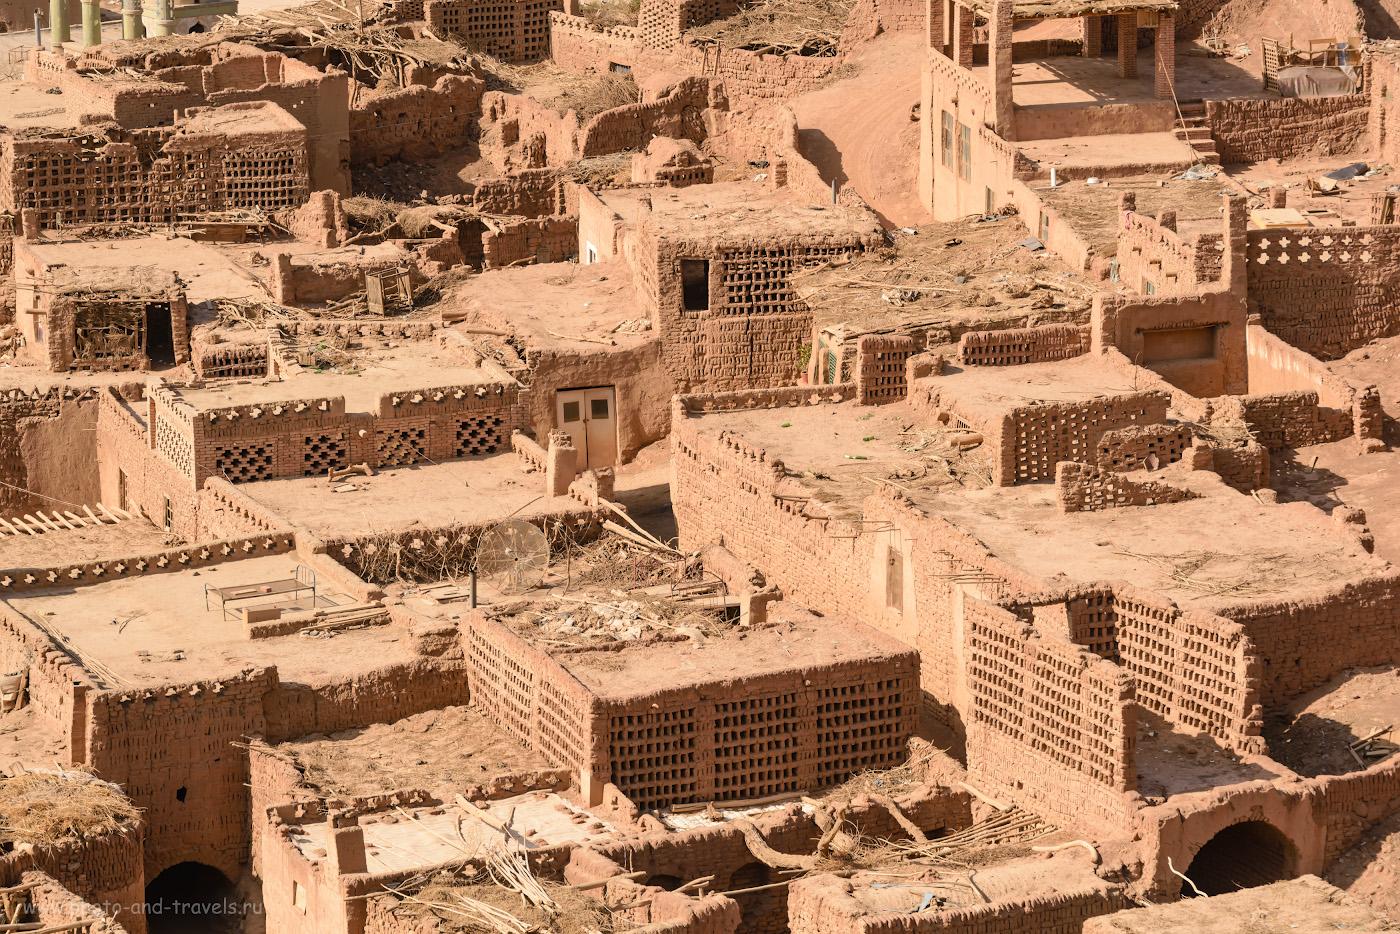 Фотография 13. Древний кишлак Туюк-мазар. Поездка в Синьцзян-Уйгурский автономный регион Китая. 1/250, +0.67, 8.0, 280, 250.